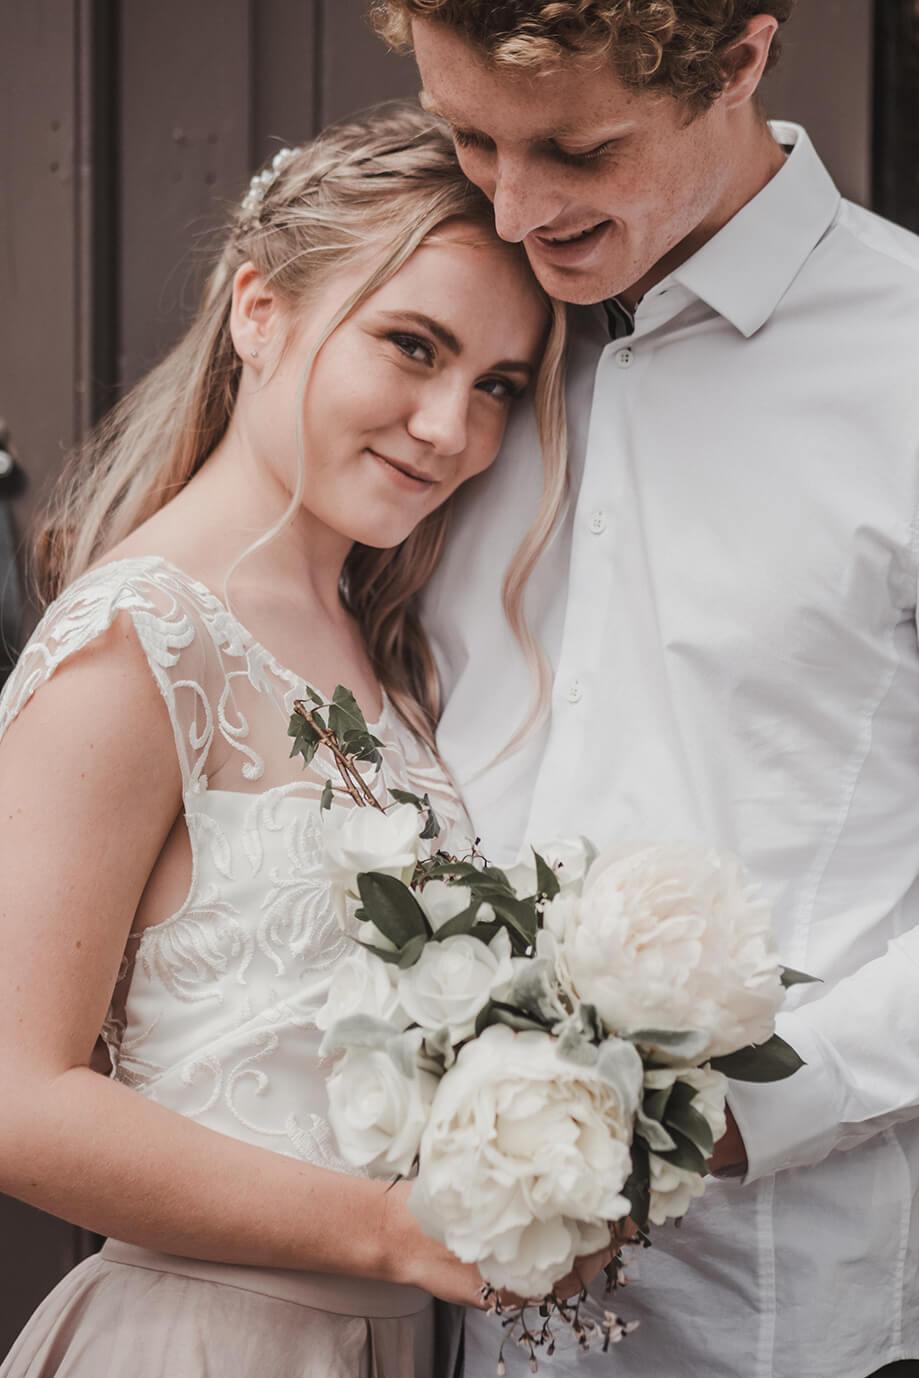 elizabeth may bridal 02 - Bridal Session 1.jpg.jpg